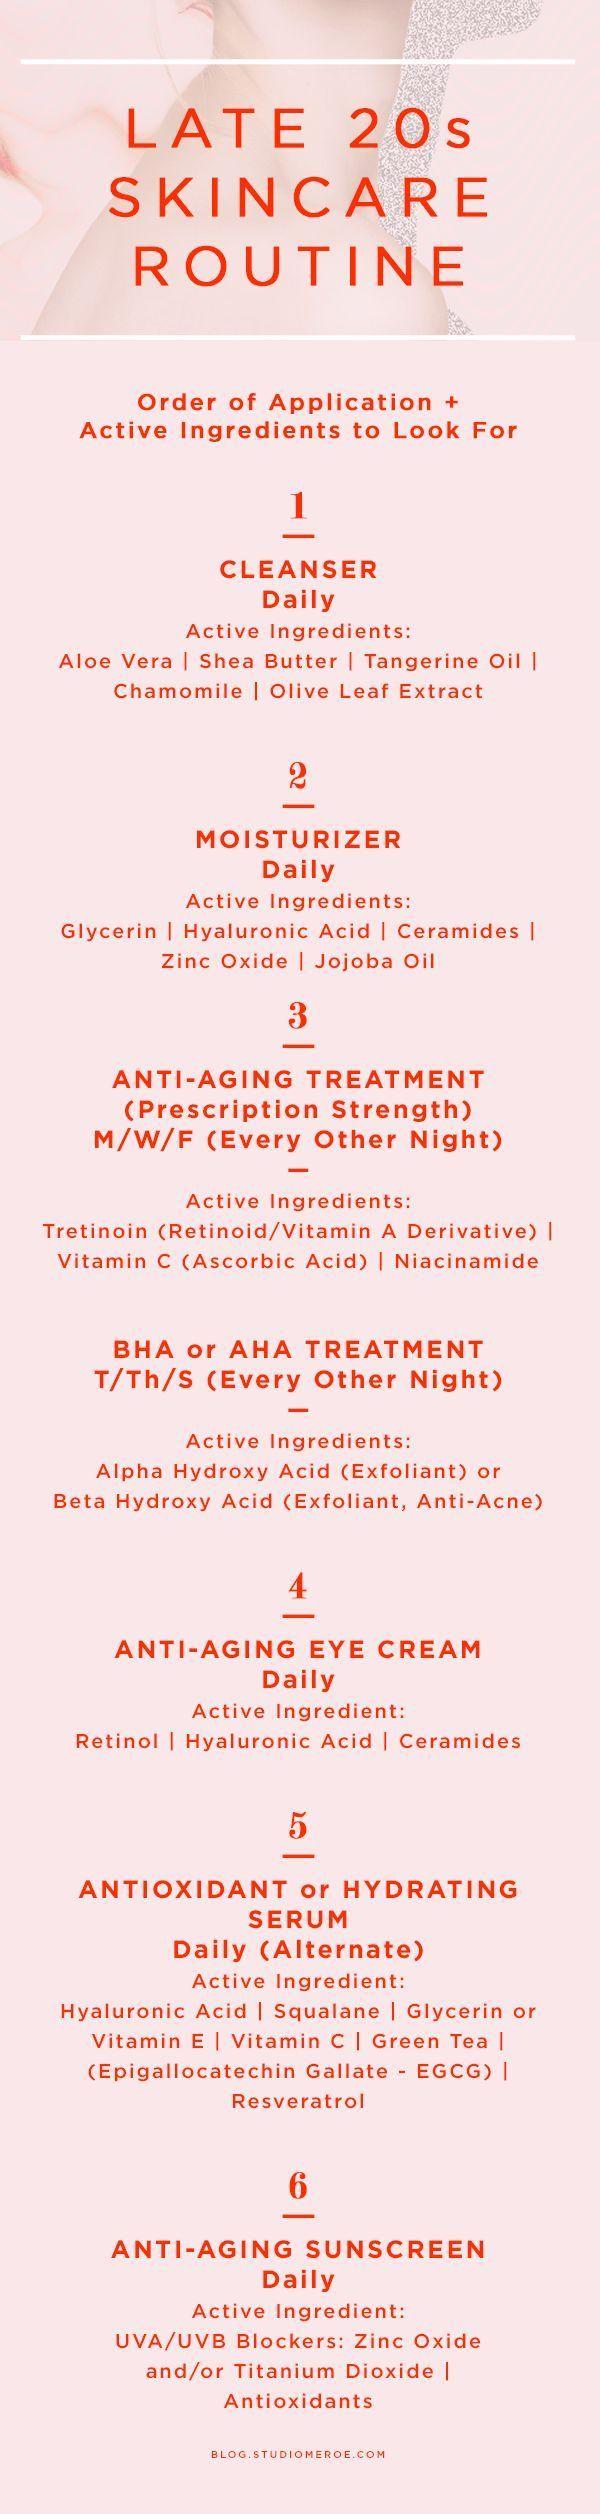 Eine einfache 6-Step-Hautpflege-Routine für die späten 20er Jahre